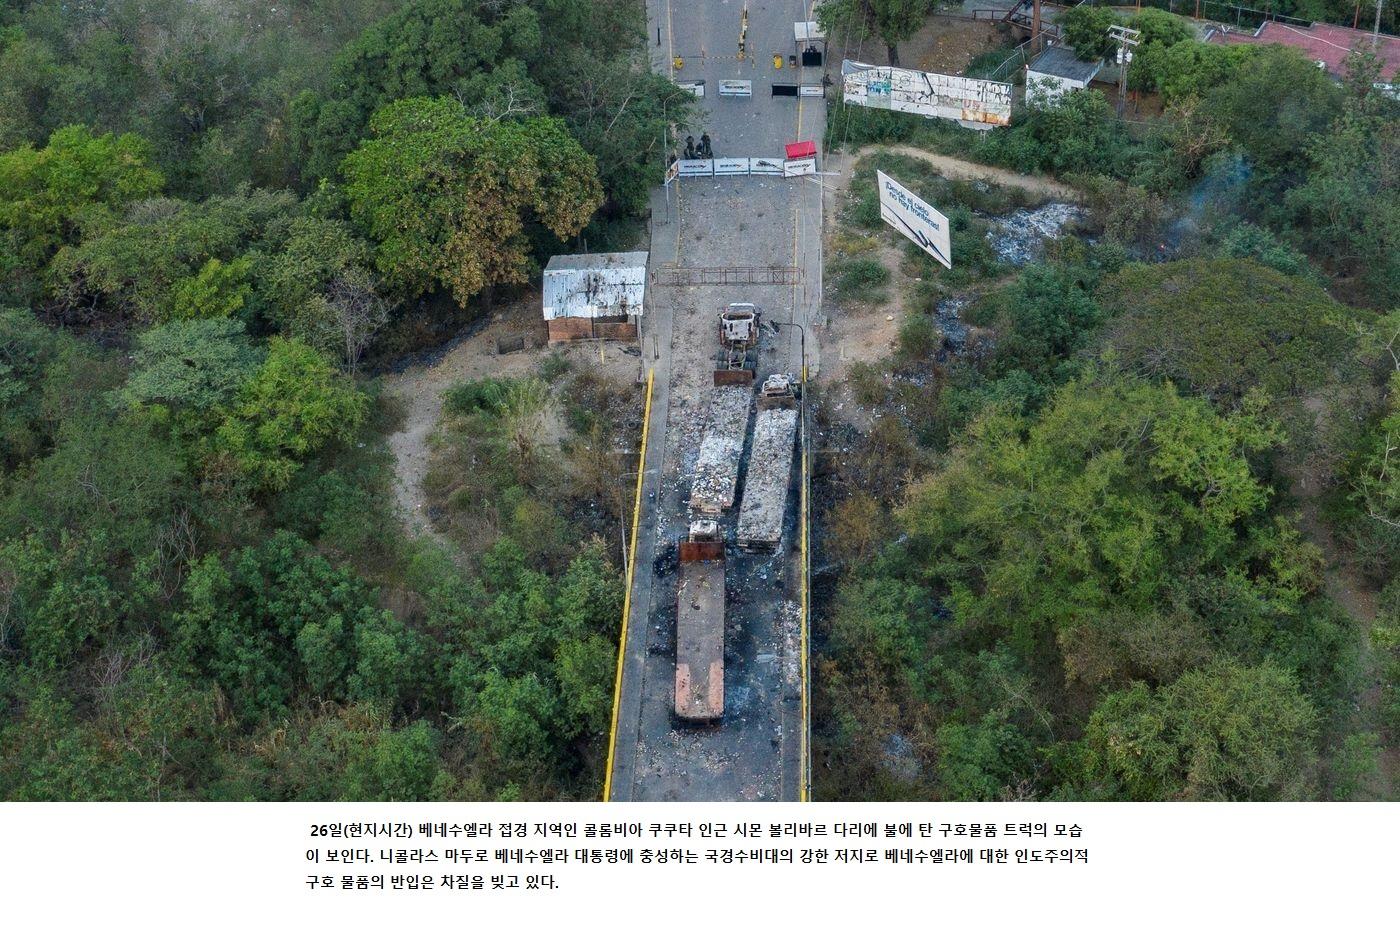 반입 저지당하고 불탄 해외 원조물품 트럭.jpg